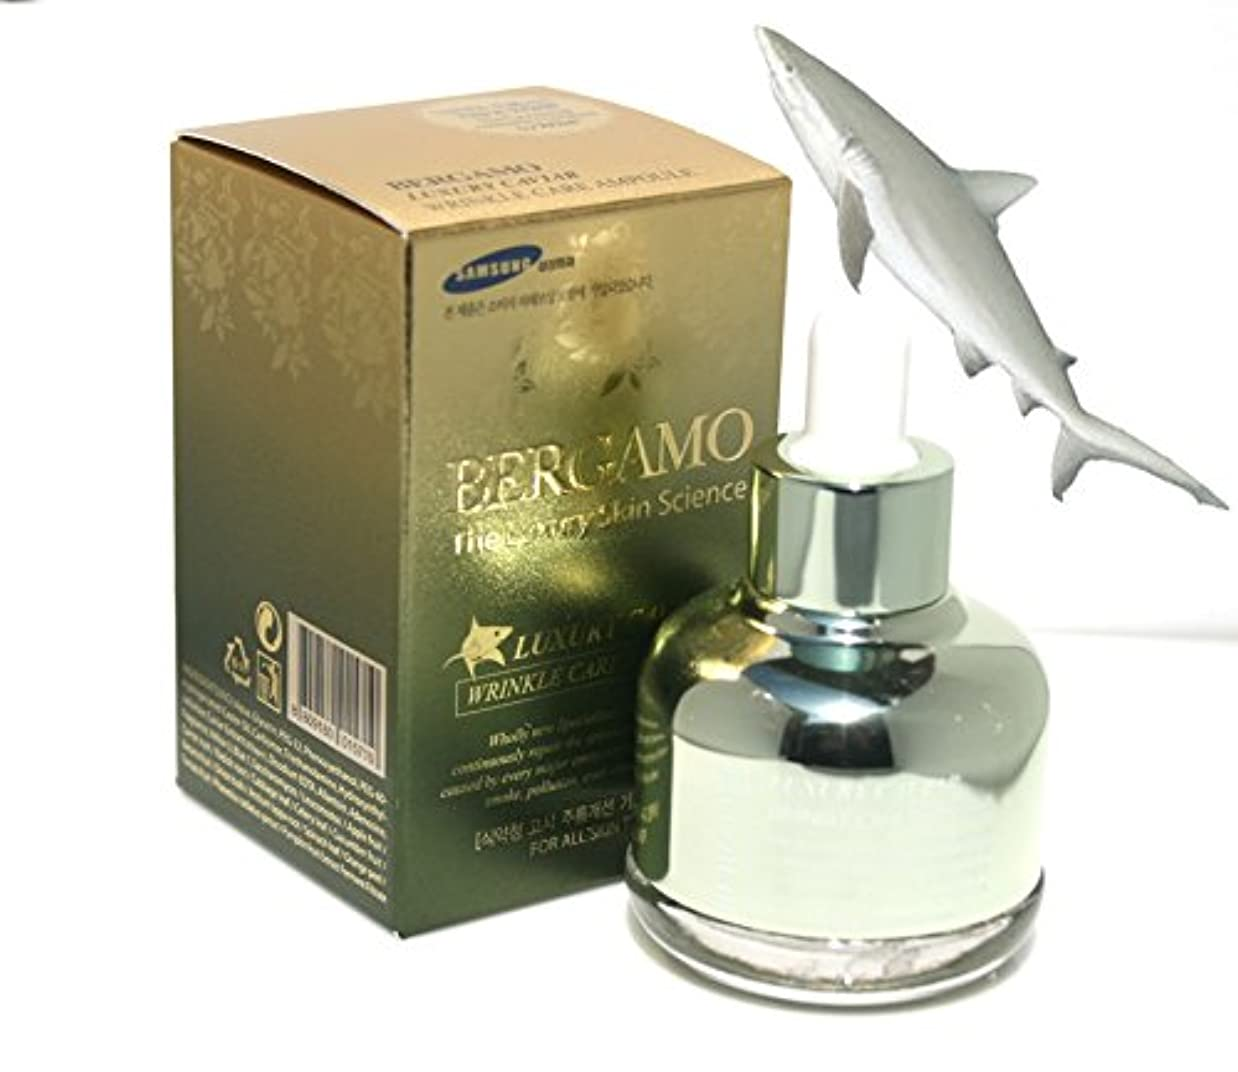 流産限り直接【ベルガモ][Bergamo] 皮膚科学高級キャビアリンクルケアアンプル30ml / The Skin Science Luxury Caviar Wrinkle Care Ampoule 30ml / 韓国化粧品 /...